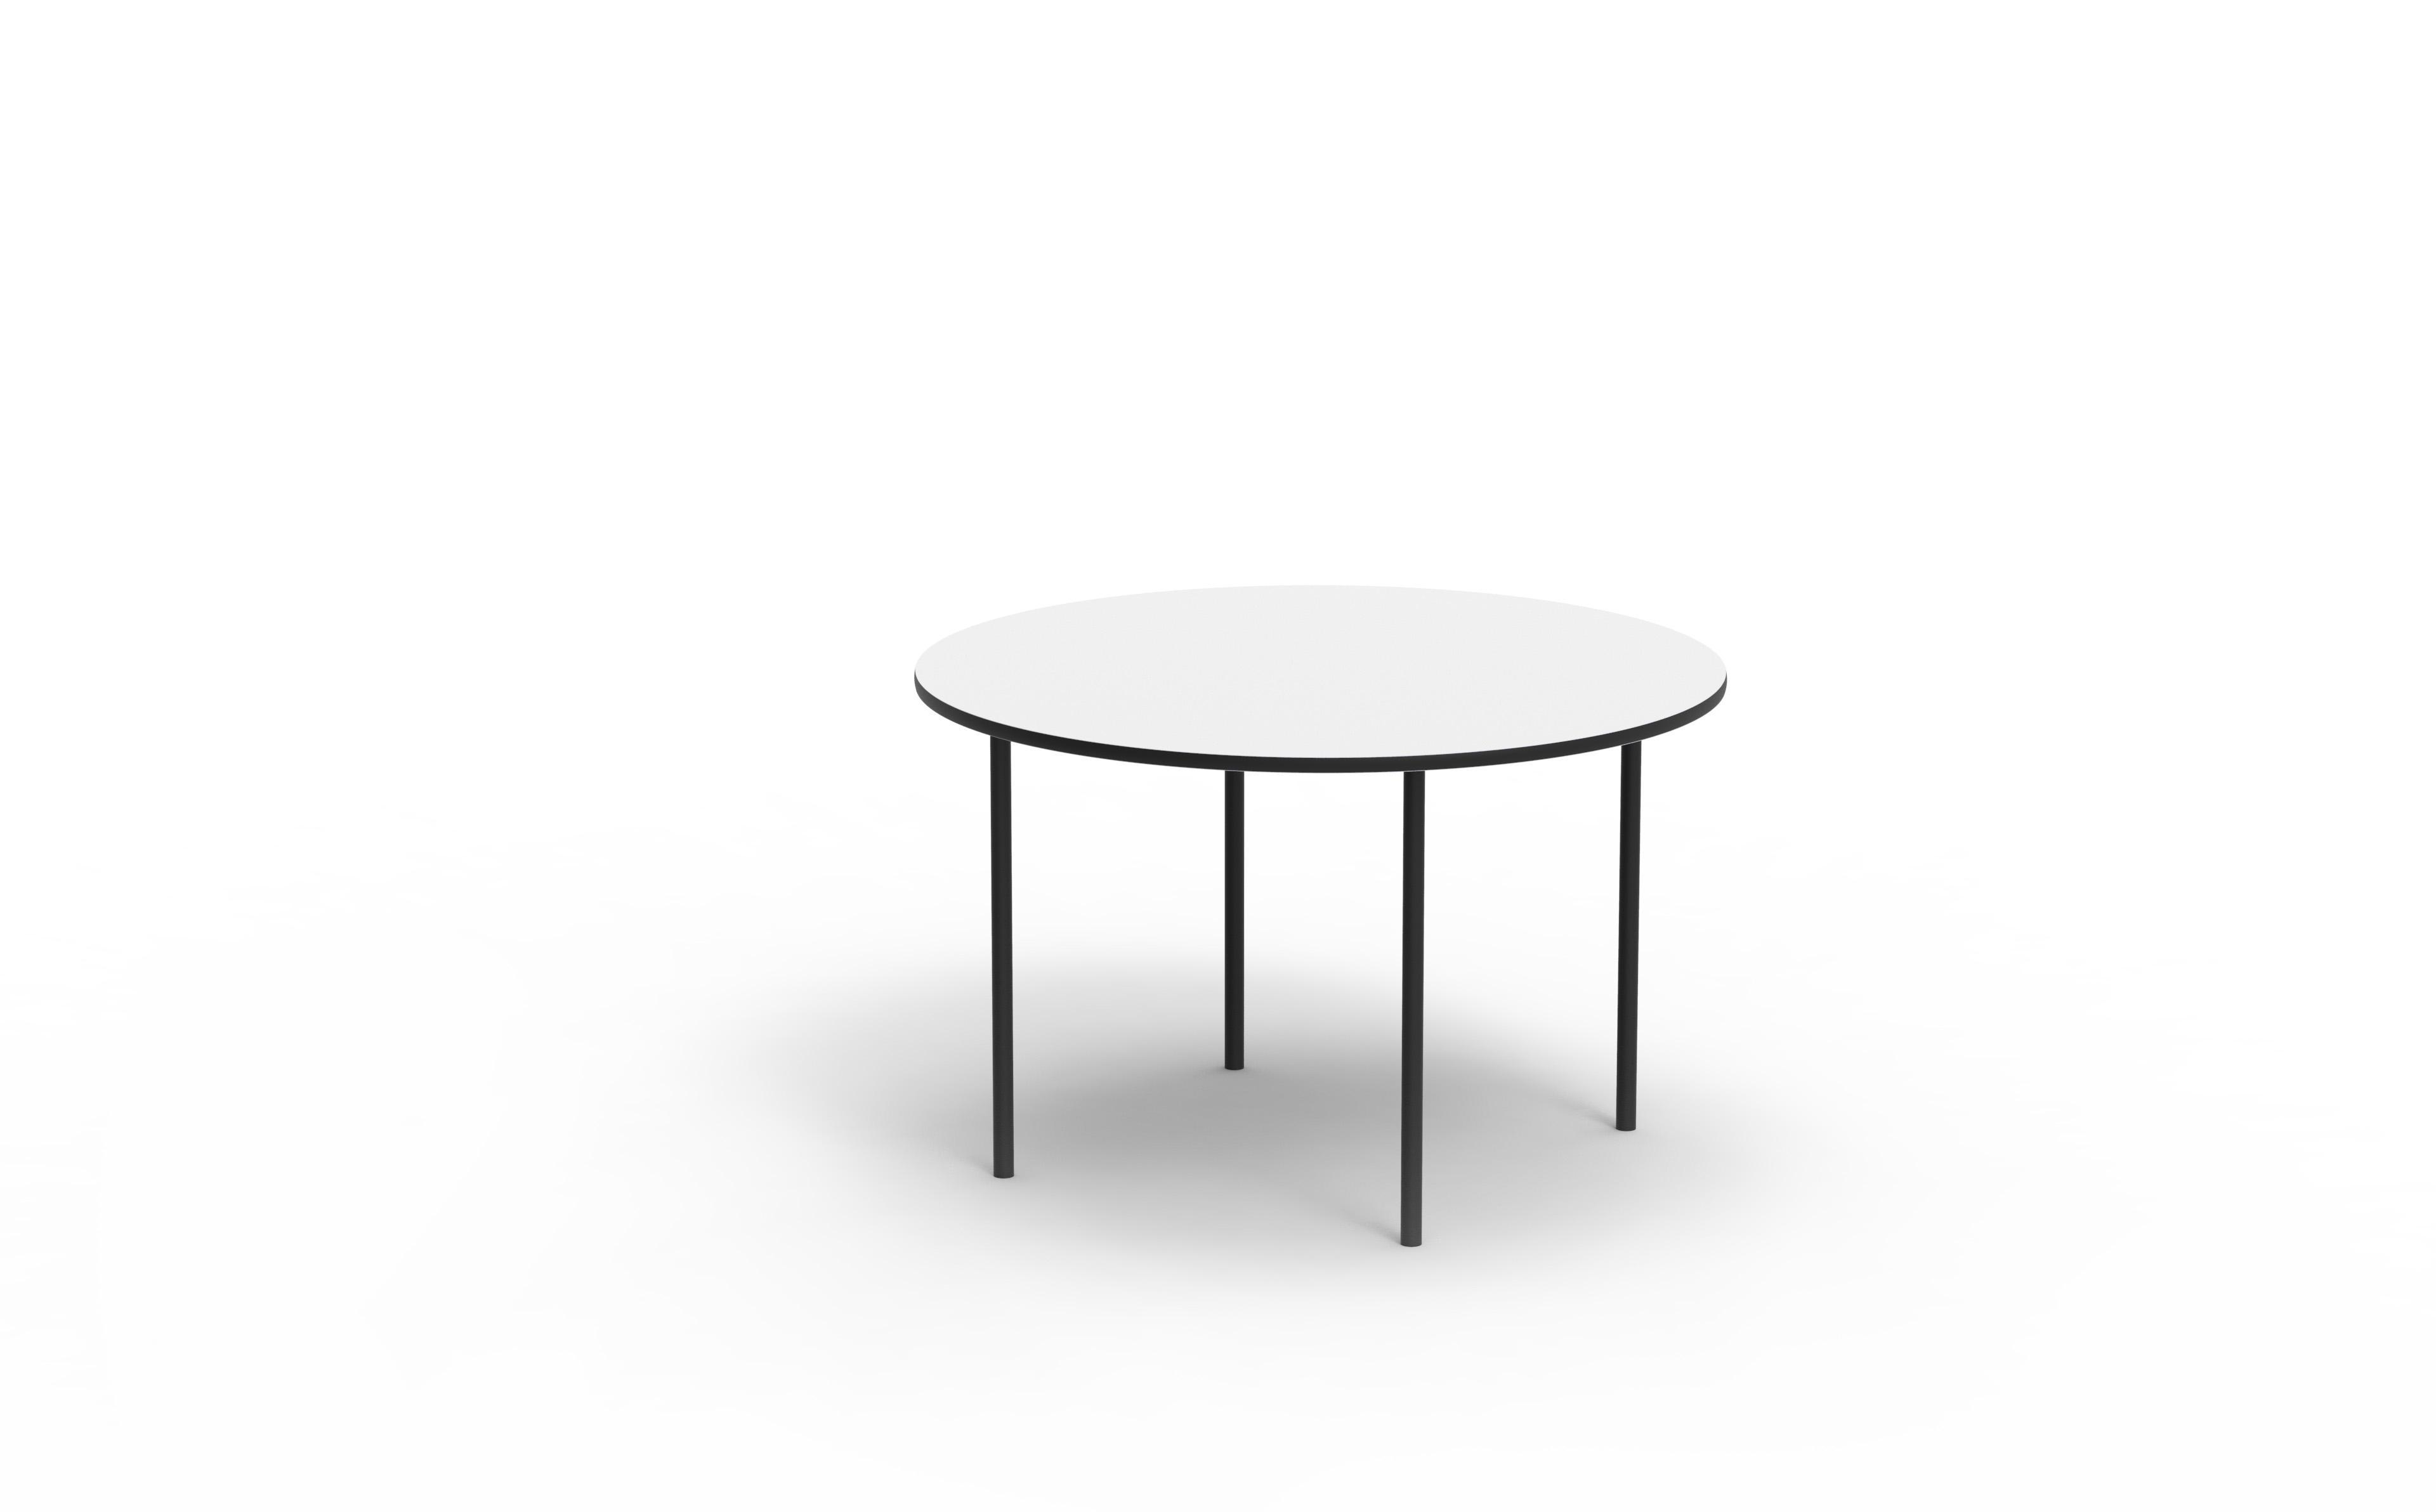 Exquisit Wohnzimmertisch Rund Weiß Foto Von Couchtisch Weiß Metall · Couchtisch Weiß Metallfüße